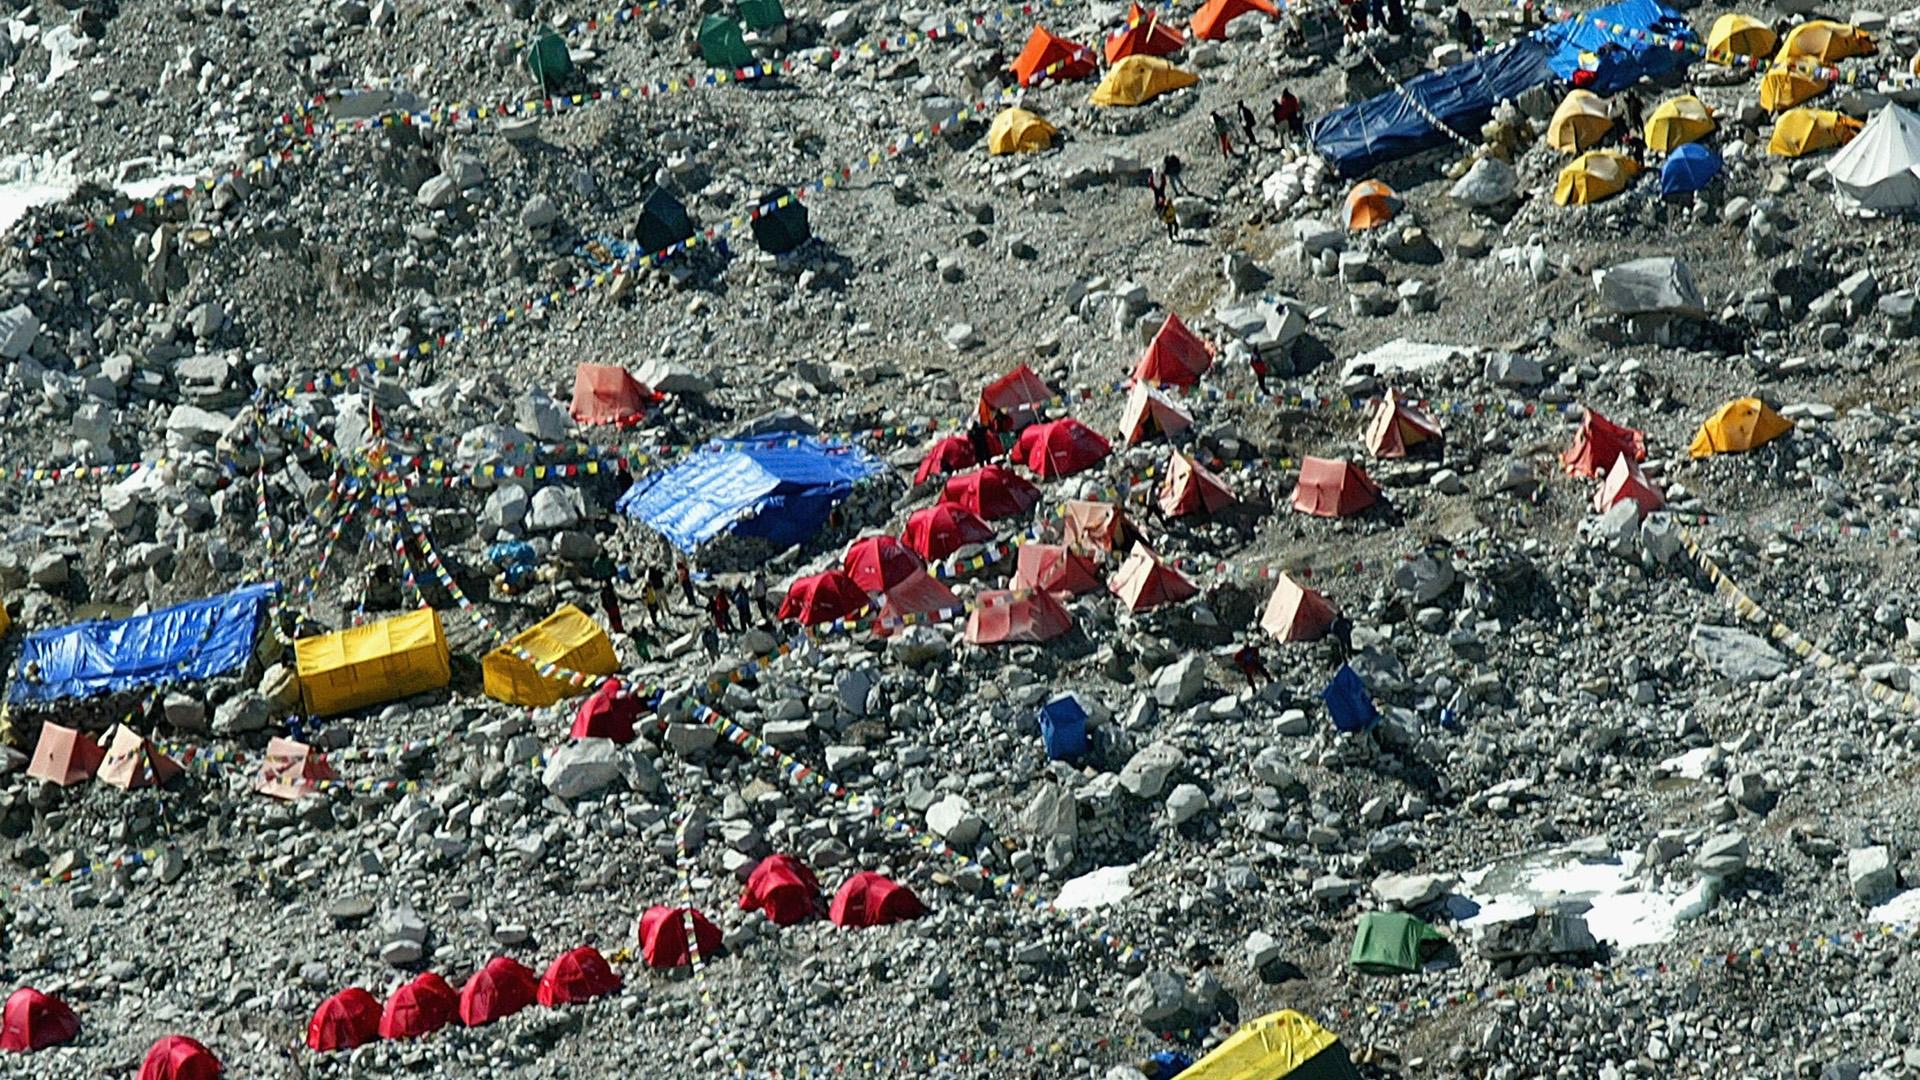 Mout Everest